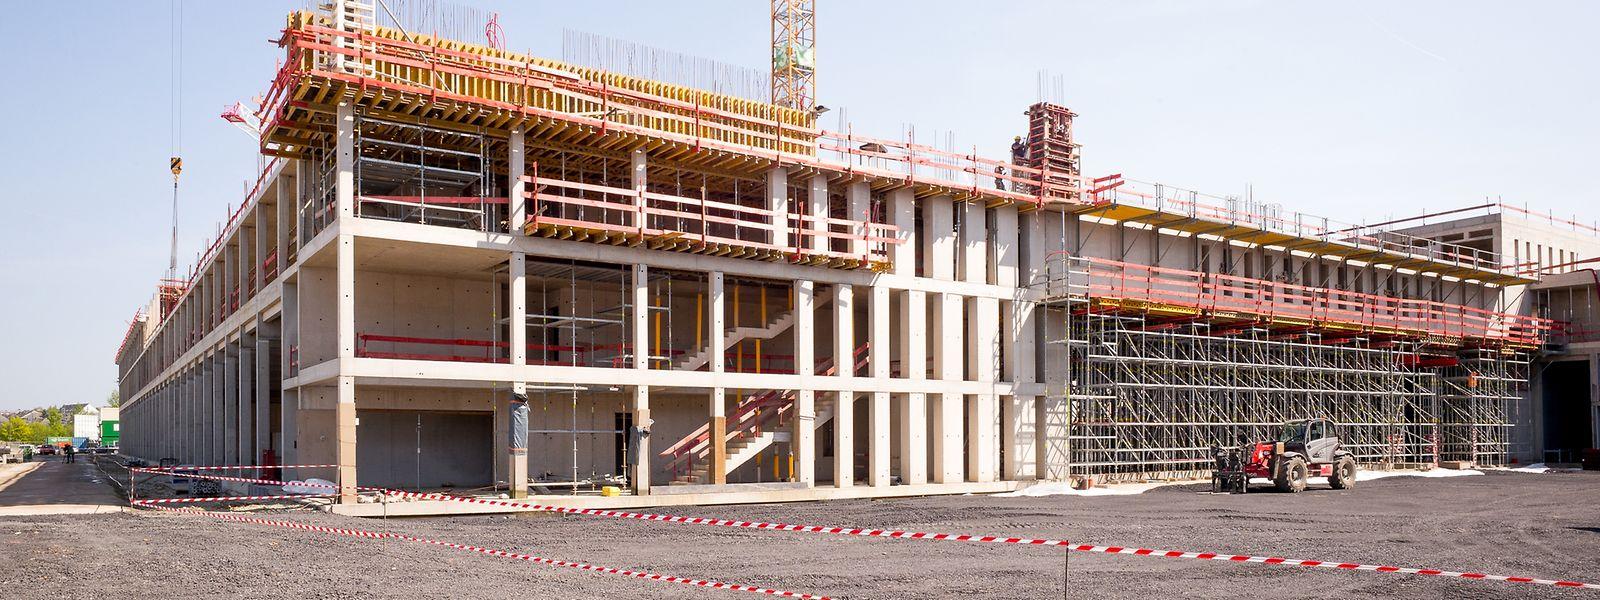 Die Rohbauarbeiten am künftigen nationalen Rettungszentrum sind zum größten Teil abgeschlossen.